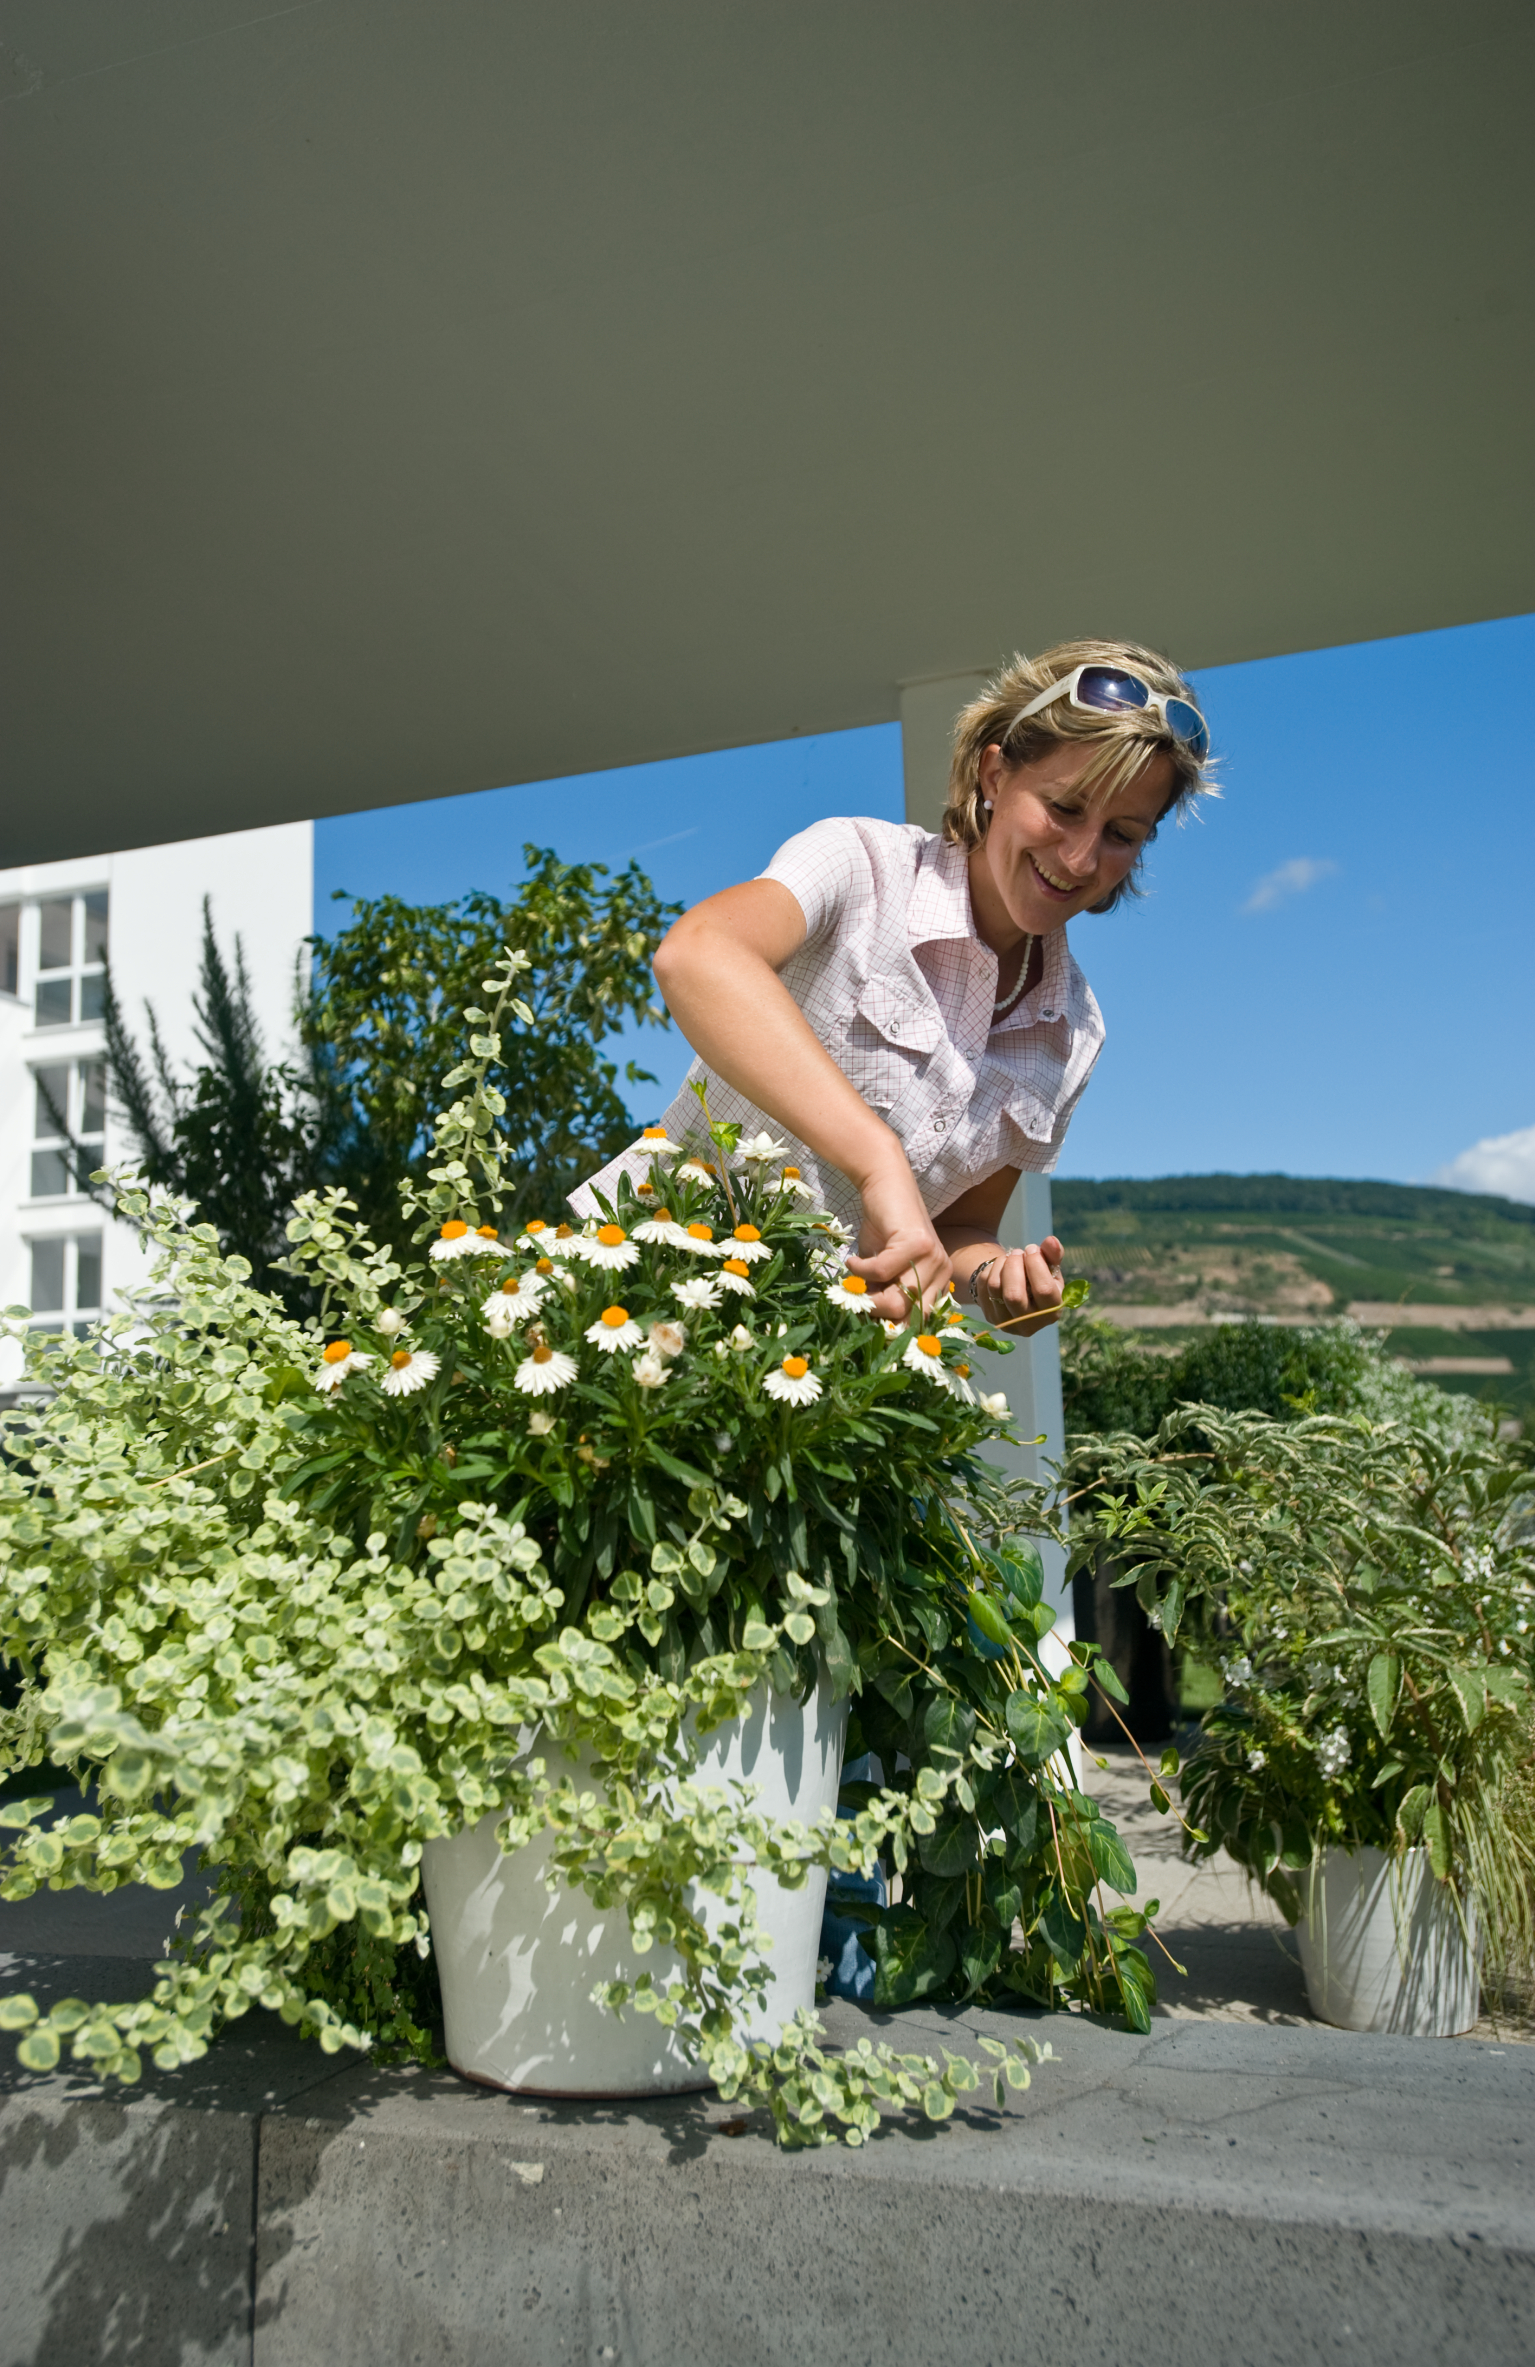 Sommerblumen-Pflege – das tägliche Stückchen Entspannung